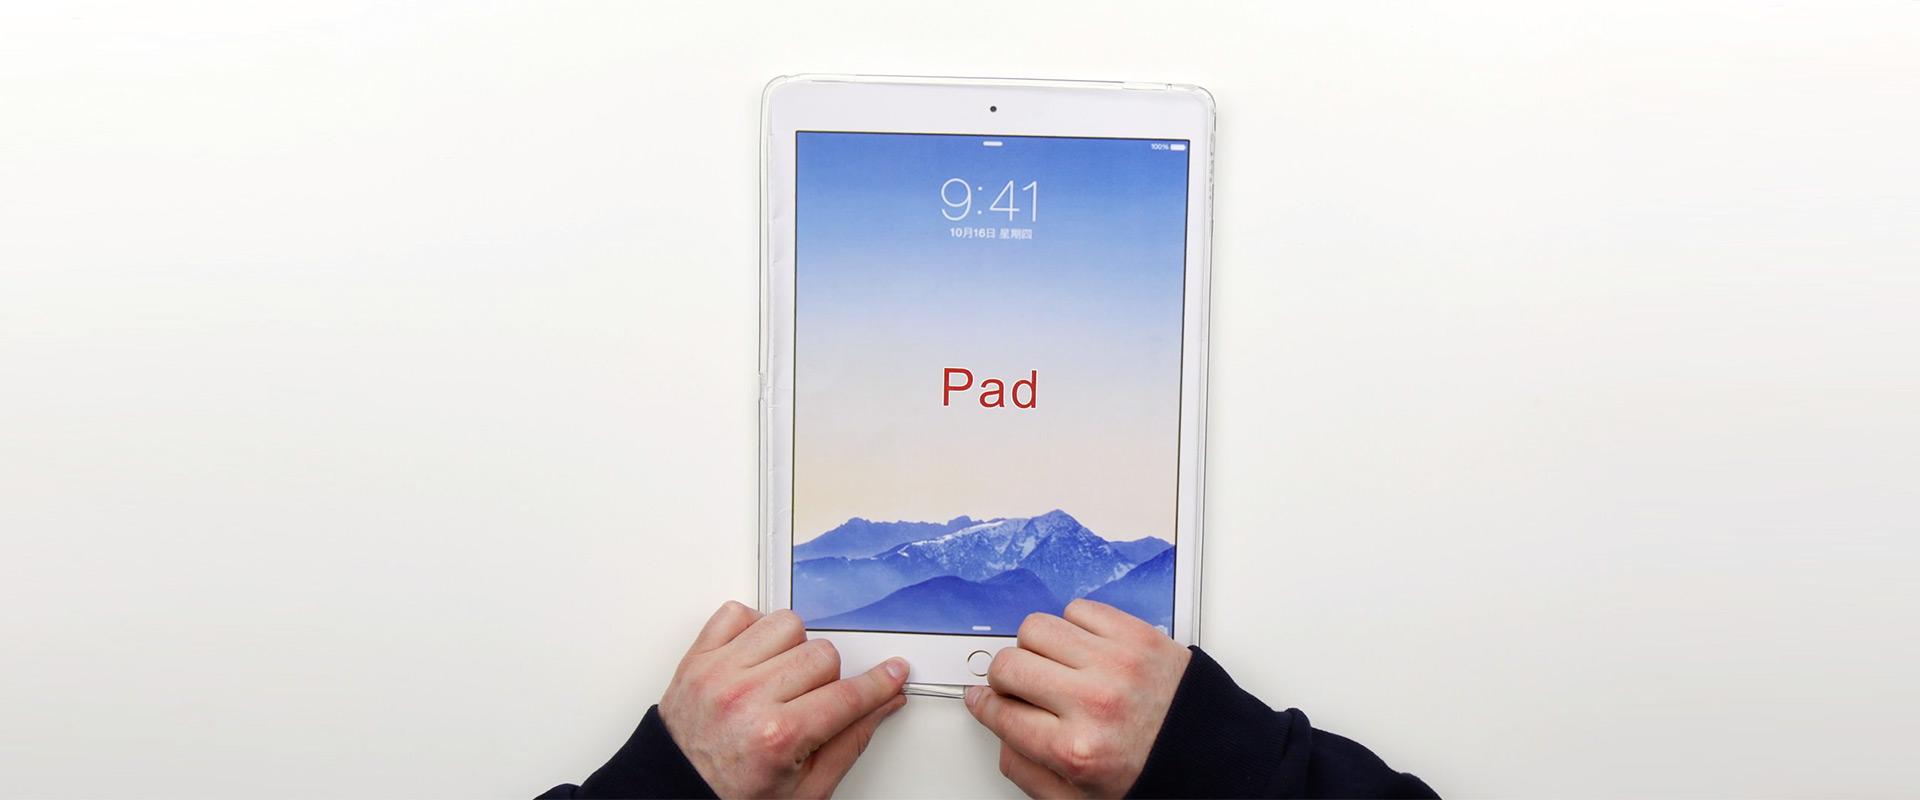 Apple: Novi iPad Pro stiže na tržište krajem jeseni